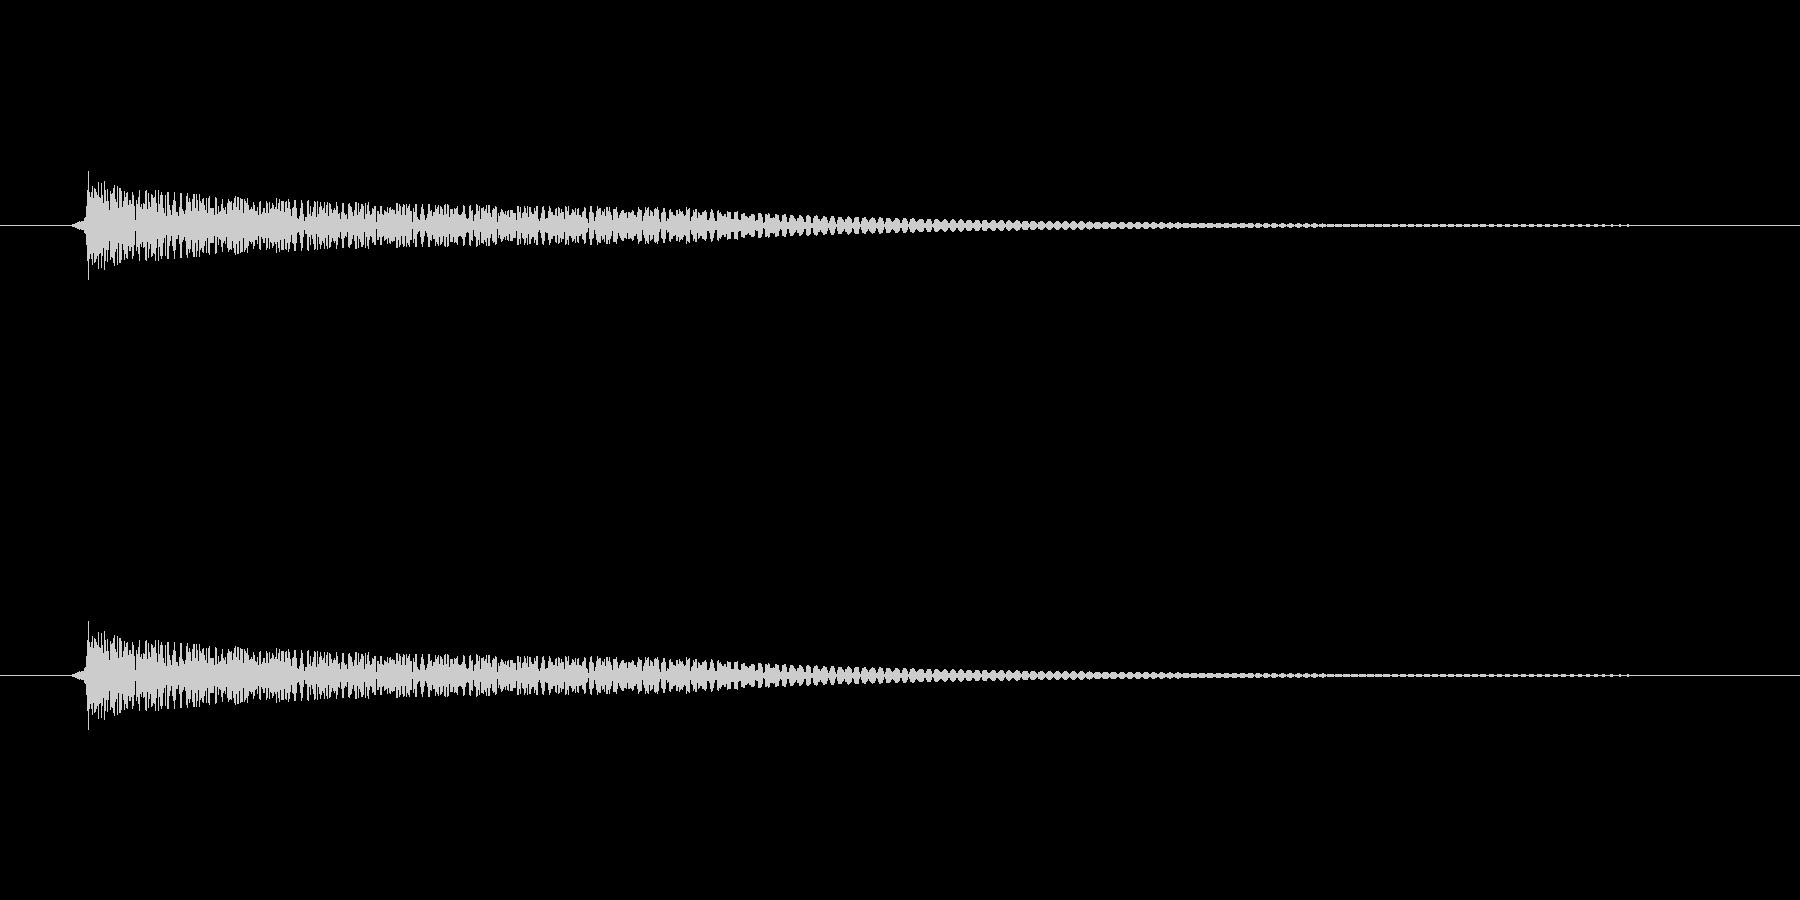 壷(つぼ)を叩いたときのような音の未再生の波形